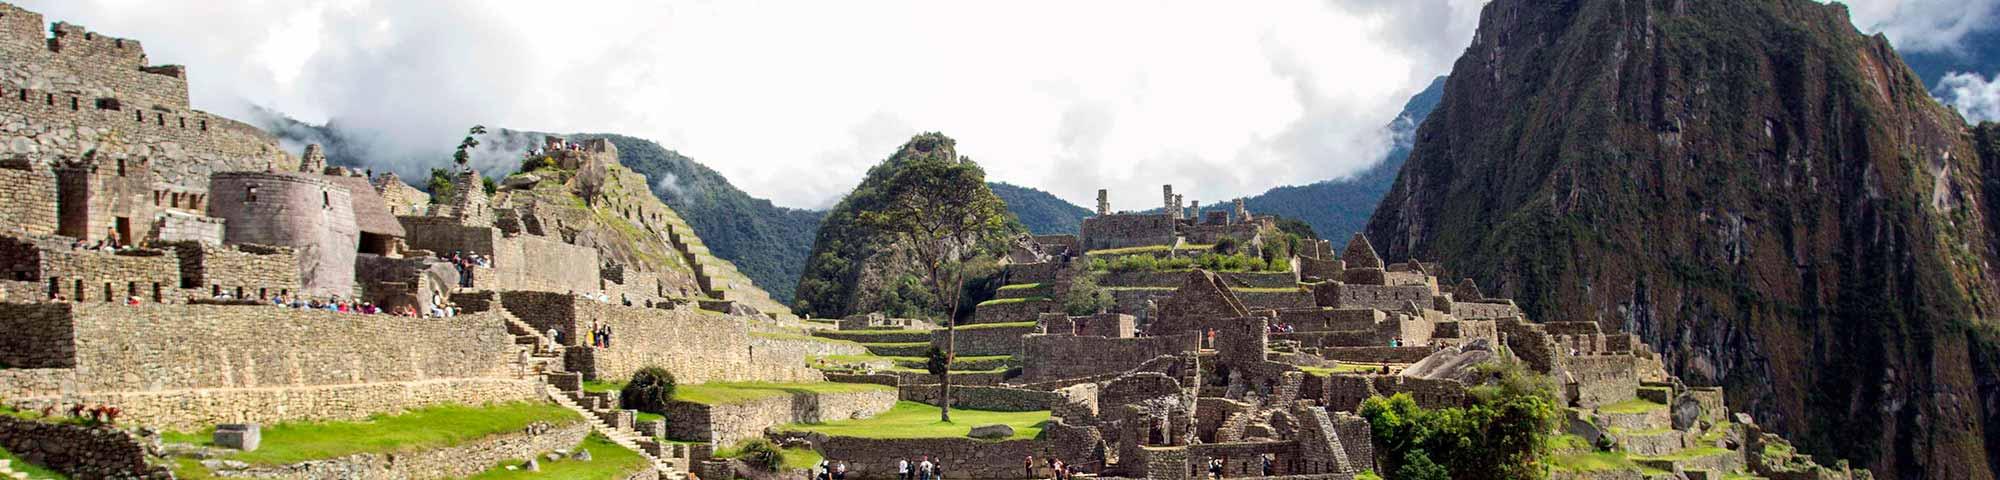 Municipalidad de Machu Picchu incentiva buenas prácticas ecoamigables